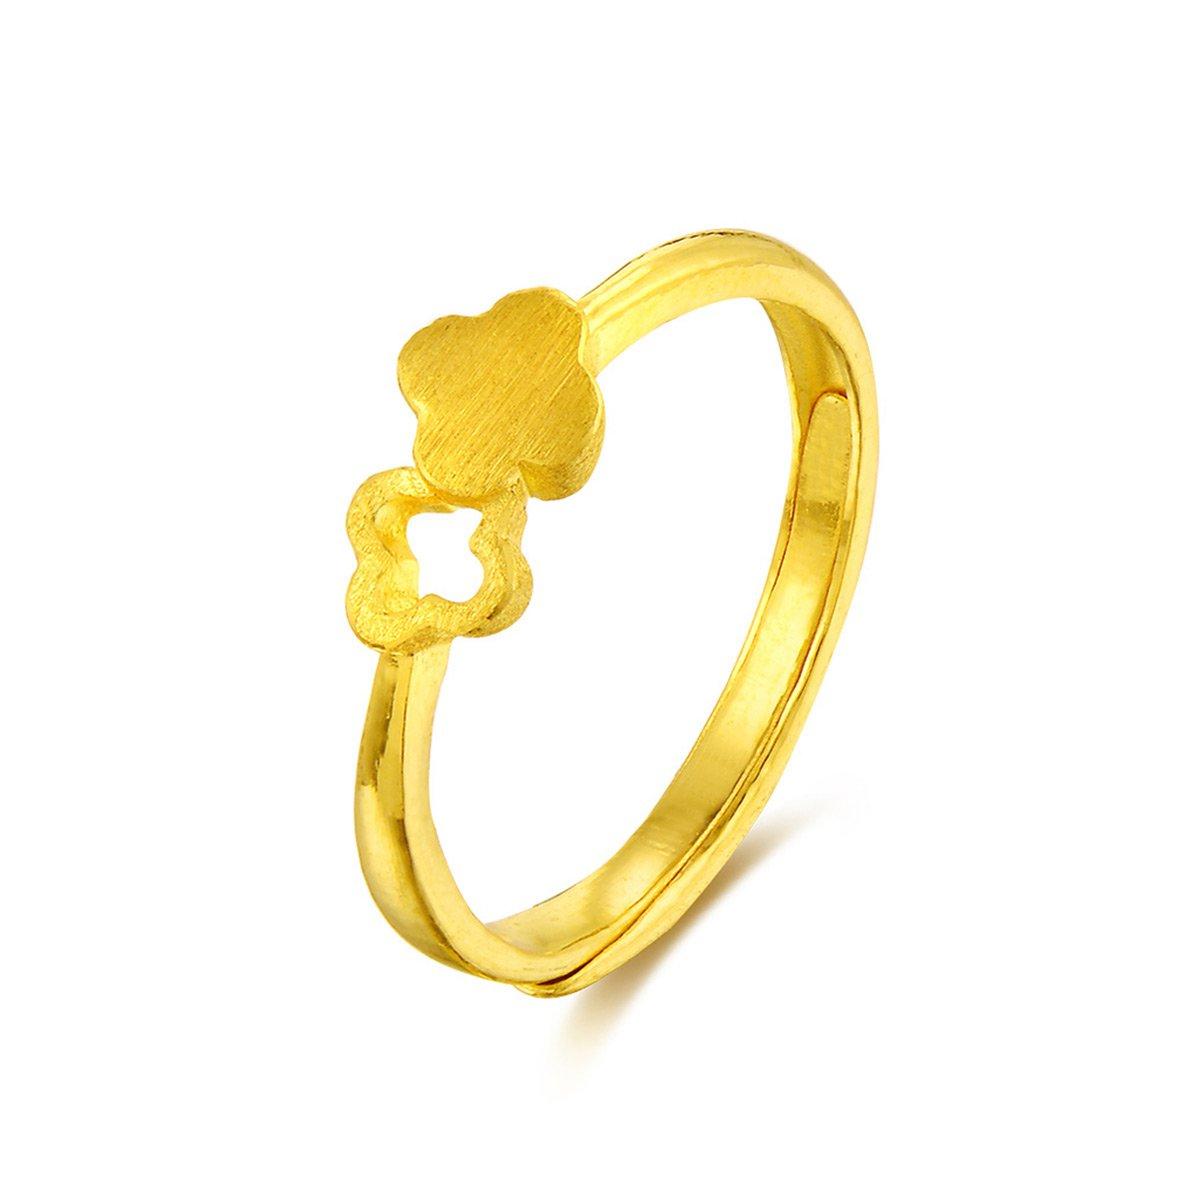 中国黄金足金黄金戒指首饰四叶双花心形戒指精品计价ZGHJJZ1601